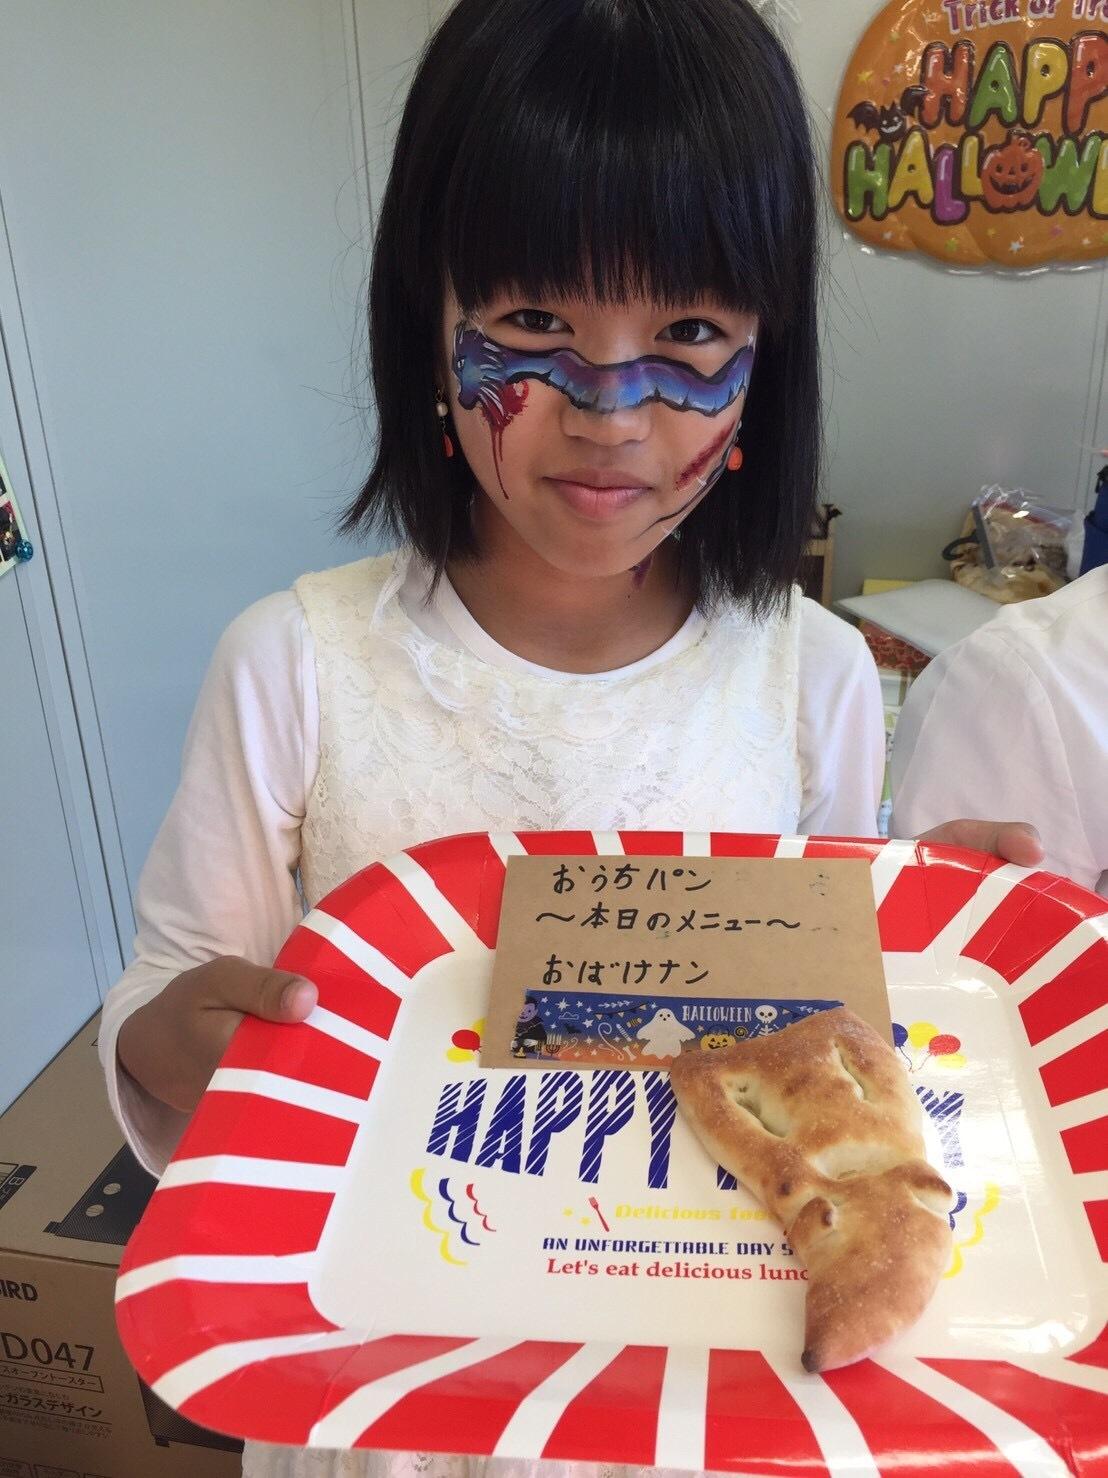 ゆるUNO & ハロウィンイベント 10/28(日) at UNOファーム_a0059812_17153006.jpg